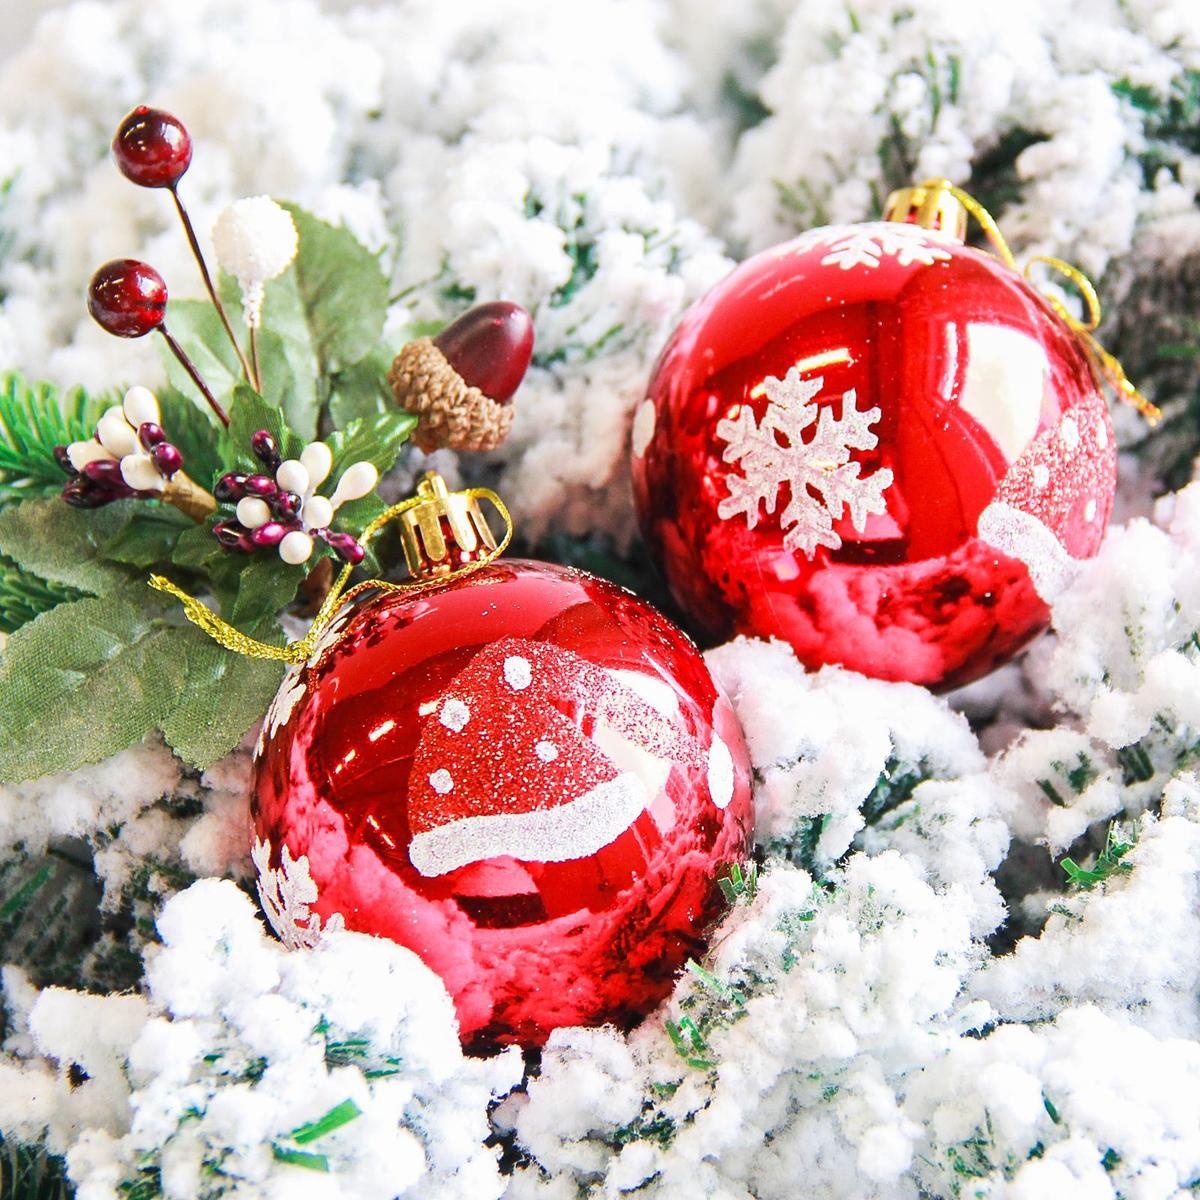 Набор новогодних подвесных украшений Sima-land Колпачок, диаметр 7 см, 6 шт2178203Набор новогодних подвесных украшений Sima-land отлично подойдет для декорации вашего дома и новогодней ели. С помощью специальной петельки украшение можно повесить в любом понравившемся вам месте. Но, конечно, удачнее всего оно будет смотреться на праздничной елке. Елочная игрушка - символ Нового года. Она несет в себе волшебство и красоту праздника. Создайте в своем доме атмосферу веселья и радости, украшая новогоднюю елку нарядными игрушками, которые будут из года в год накапливать теплоту воспоминаний.